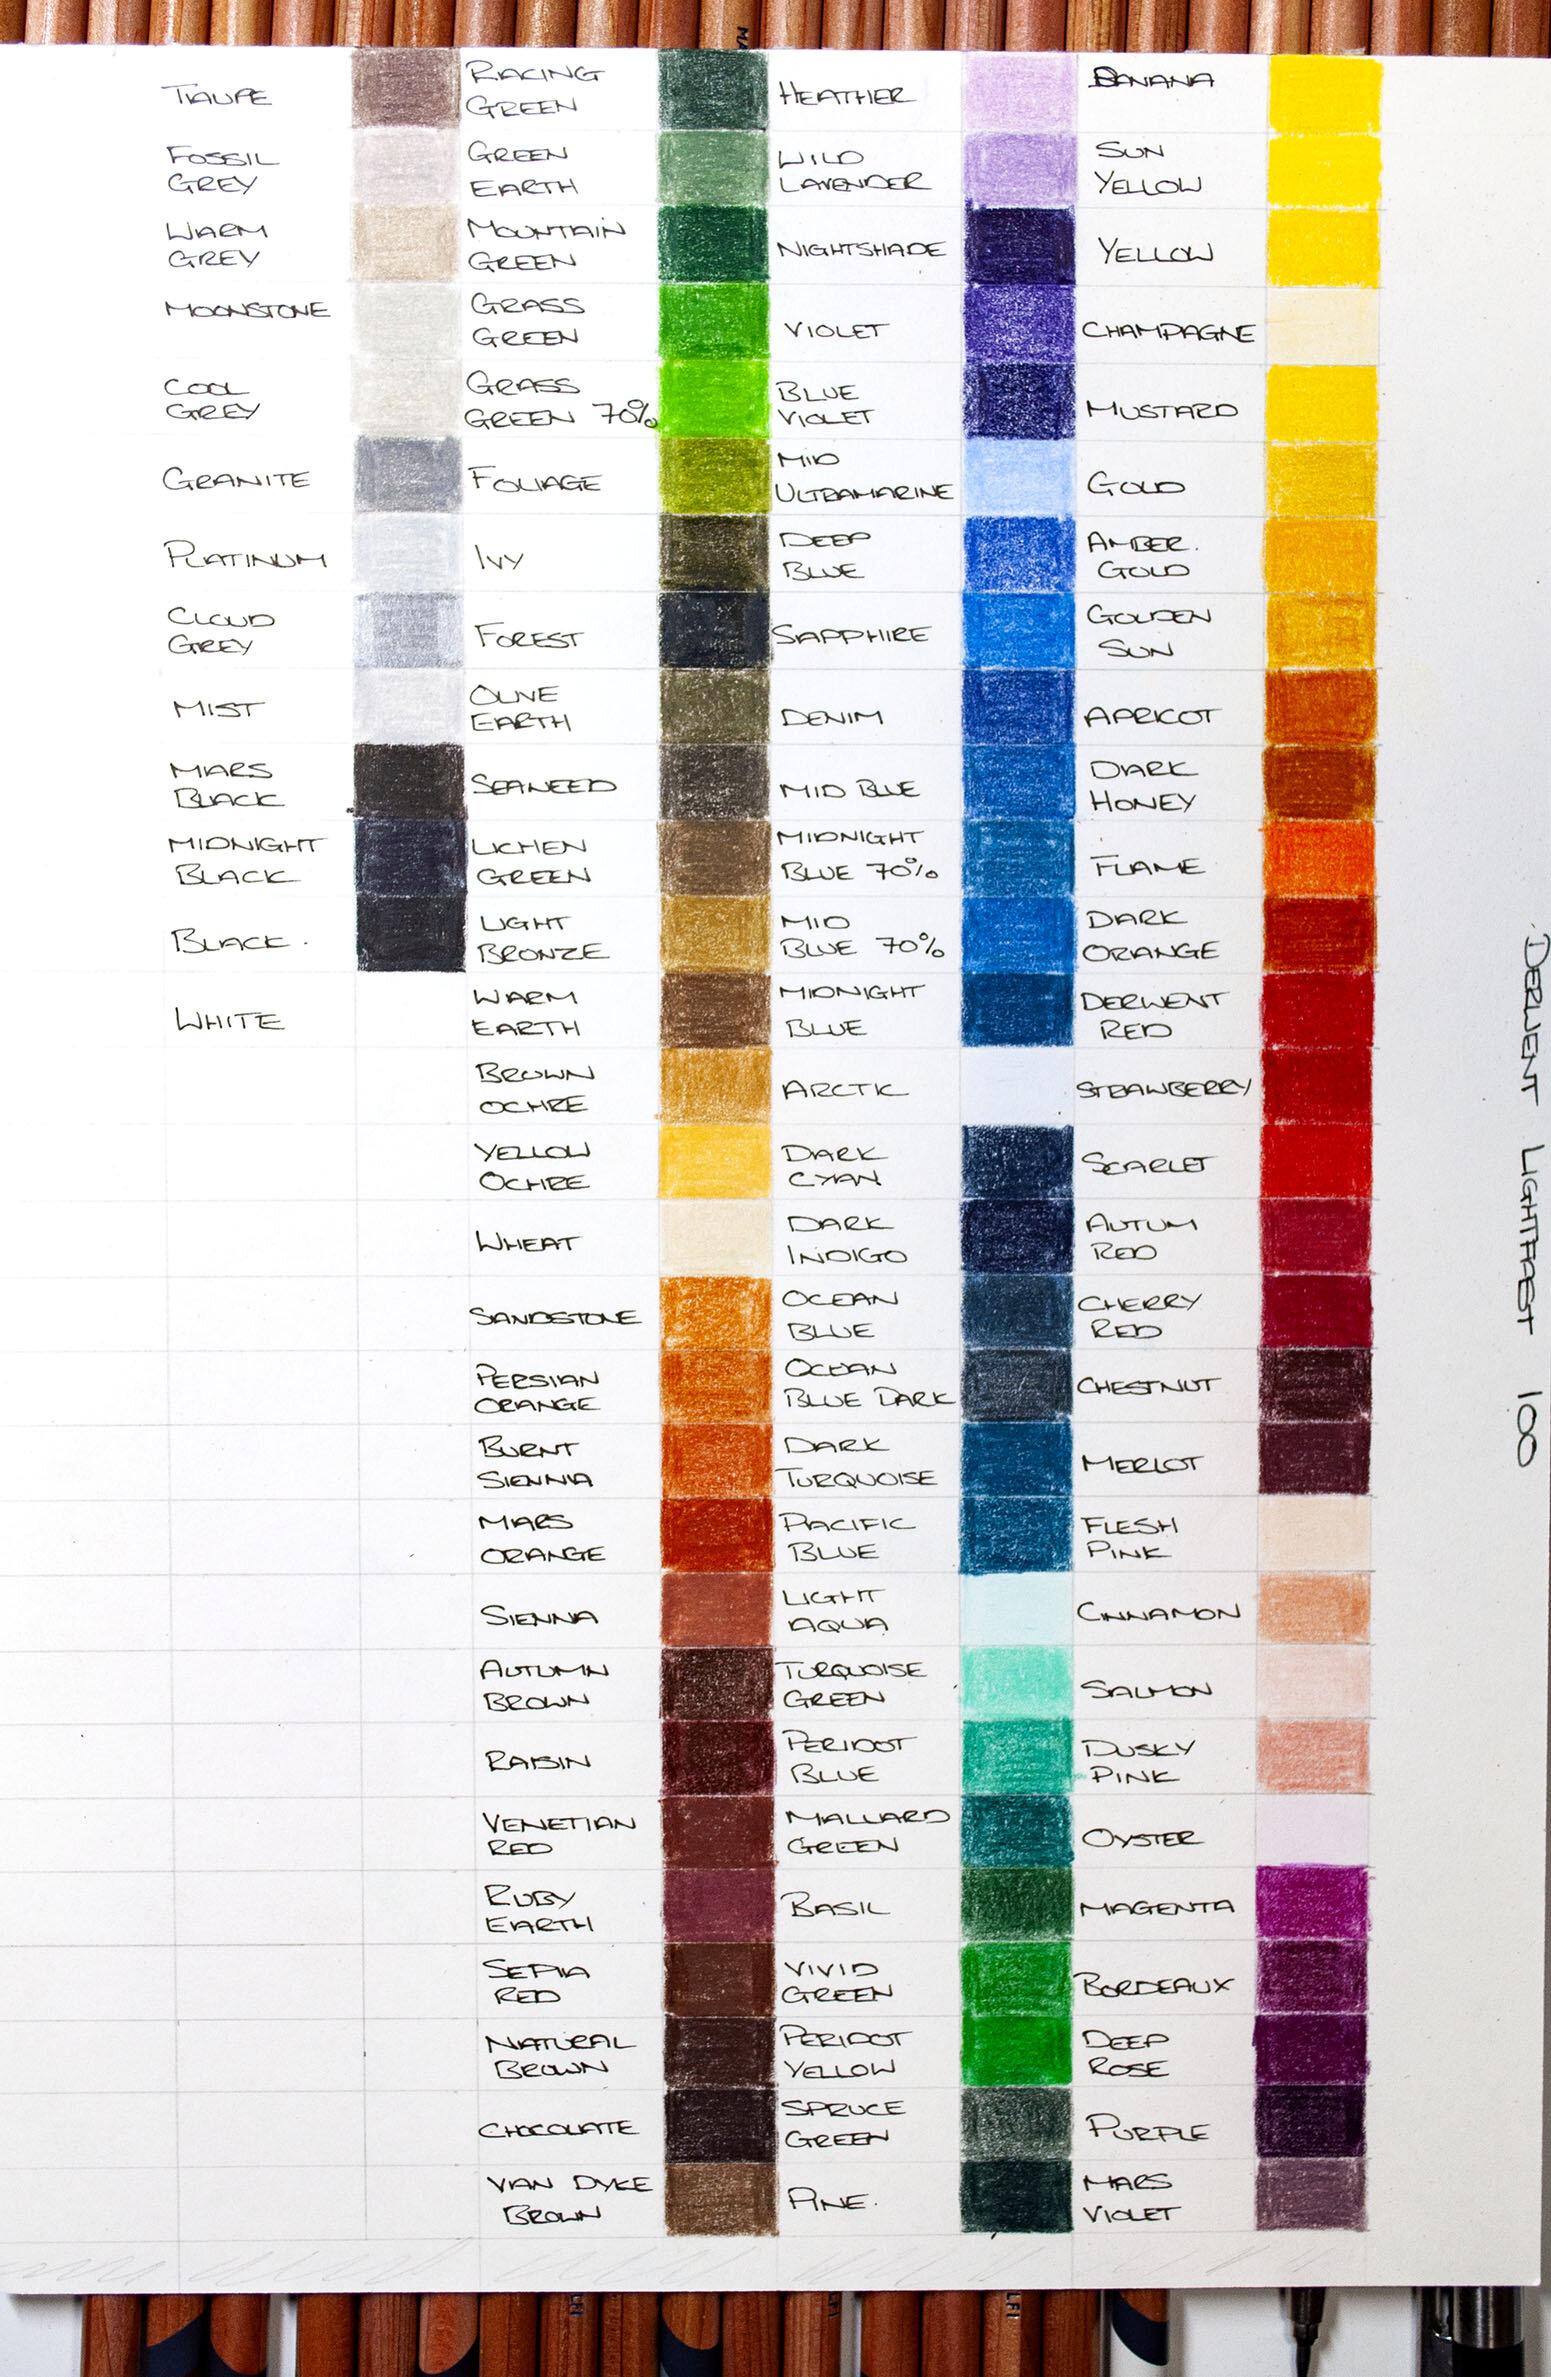 Derwent Lightfast 100 Set Color Chart.jpg